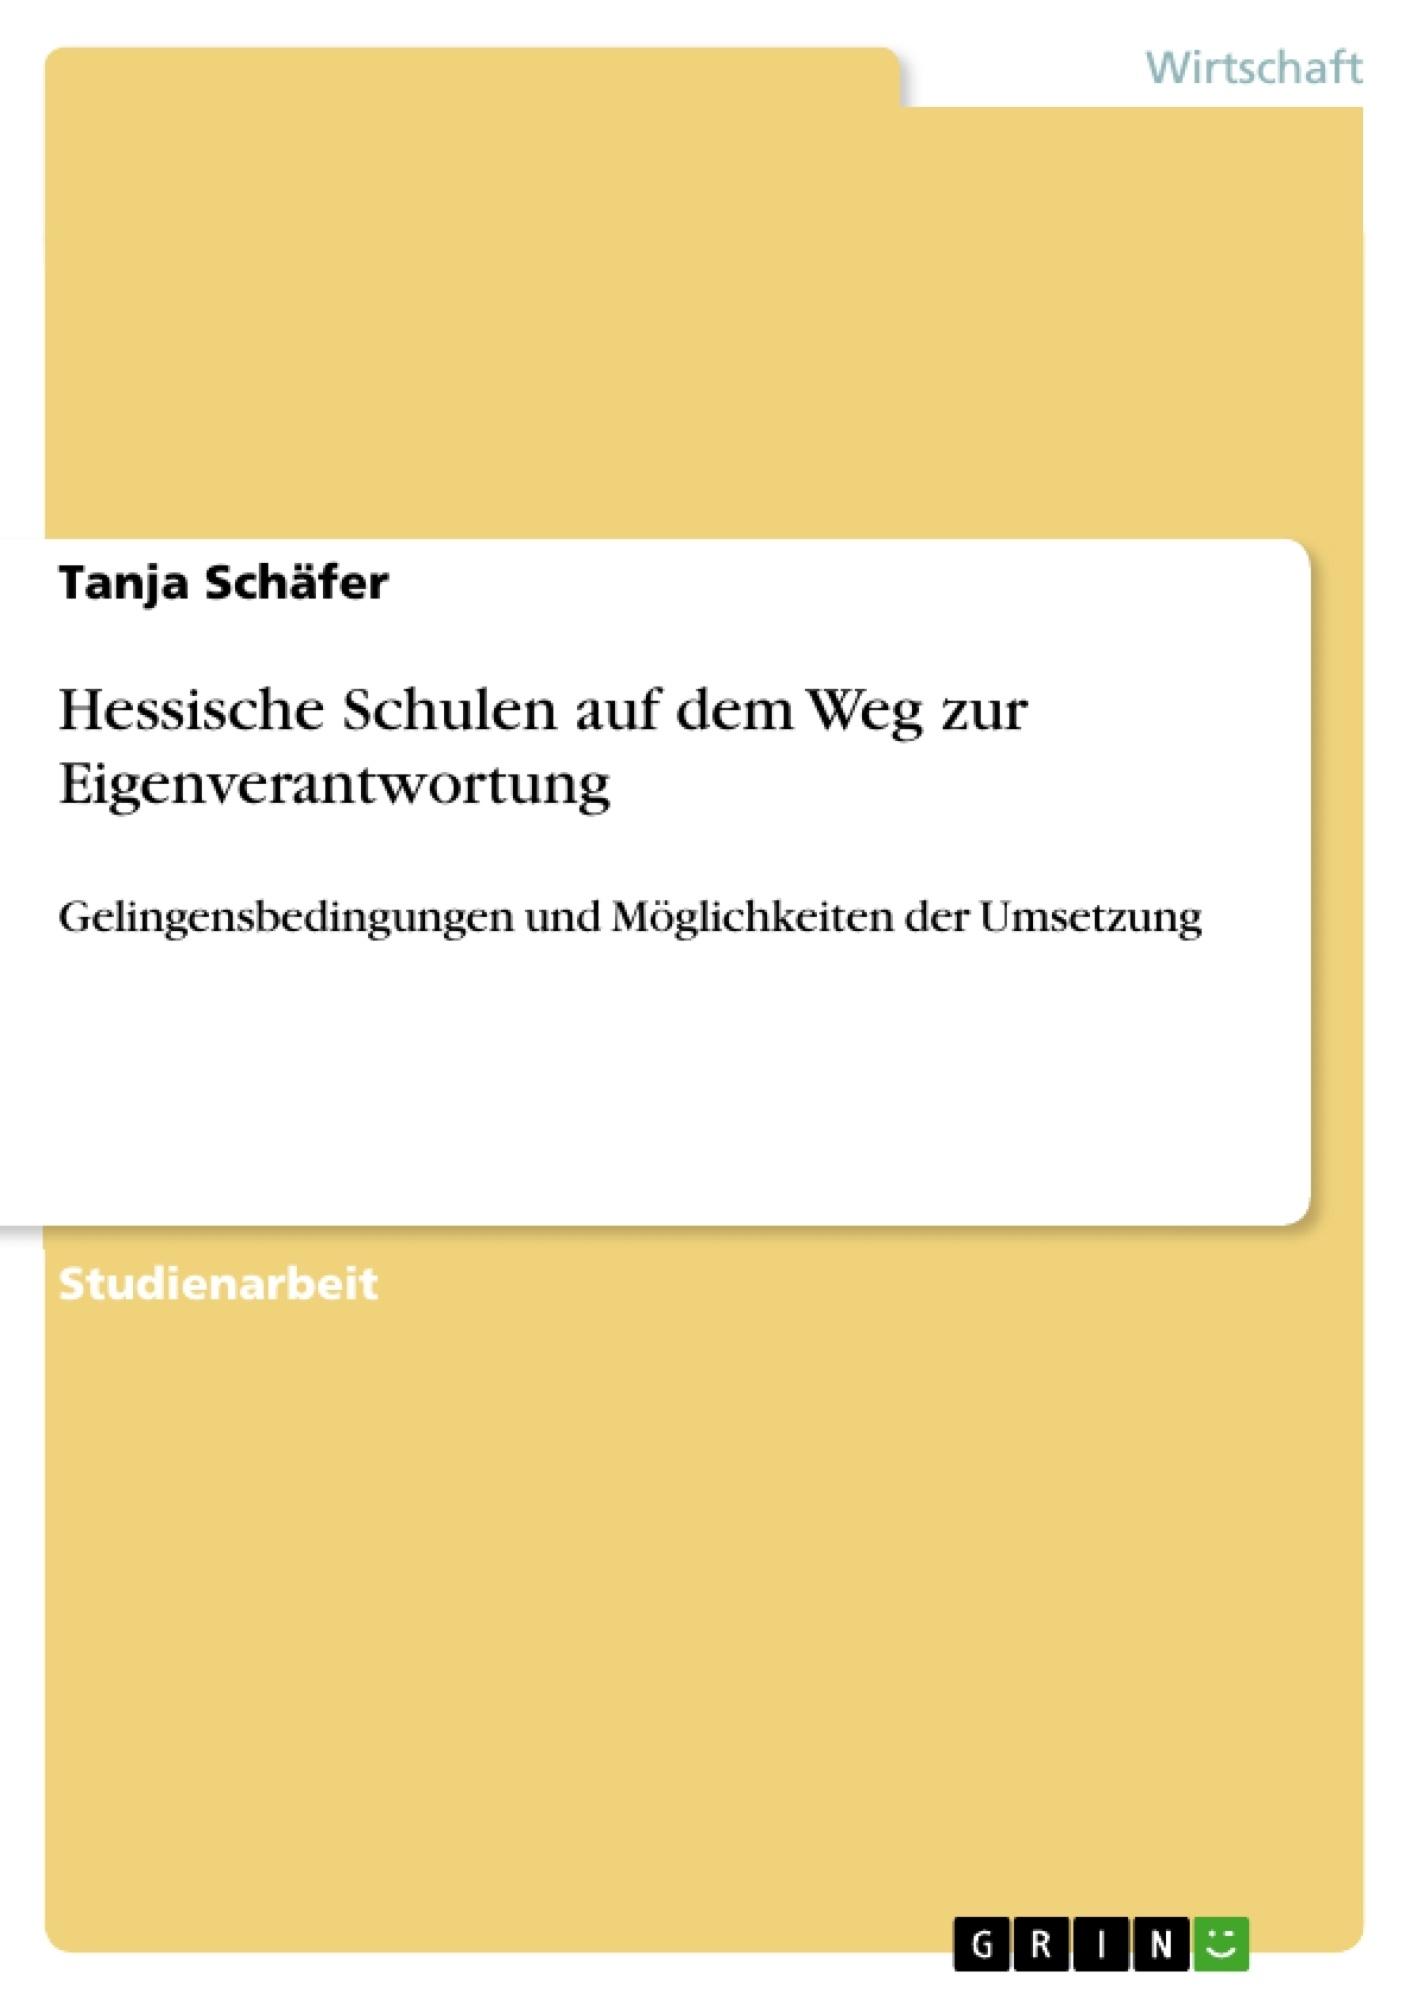 Titel: Hessische Schulen auf dem Weg zur Eigenverantwortung